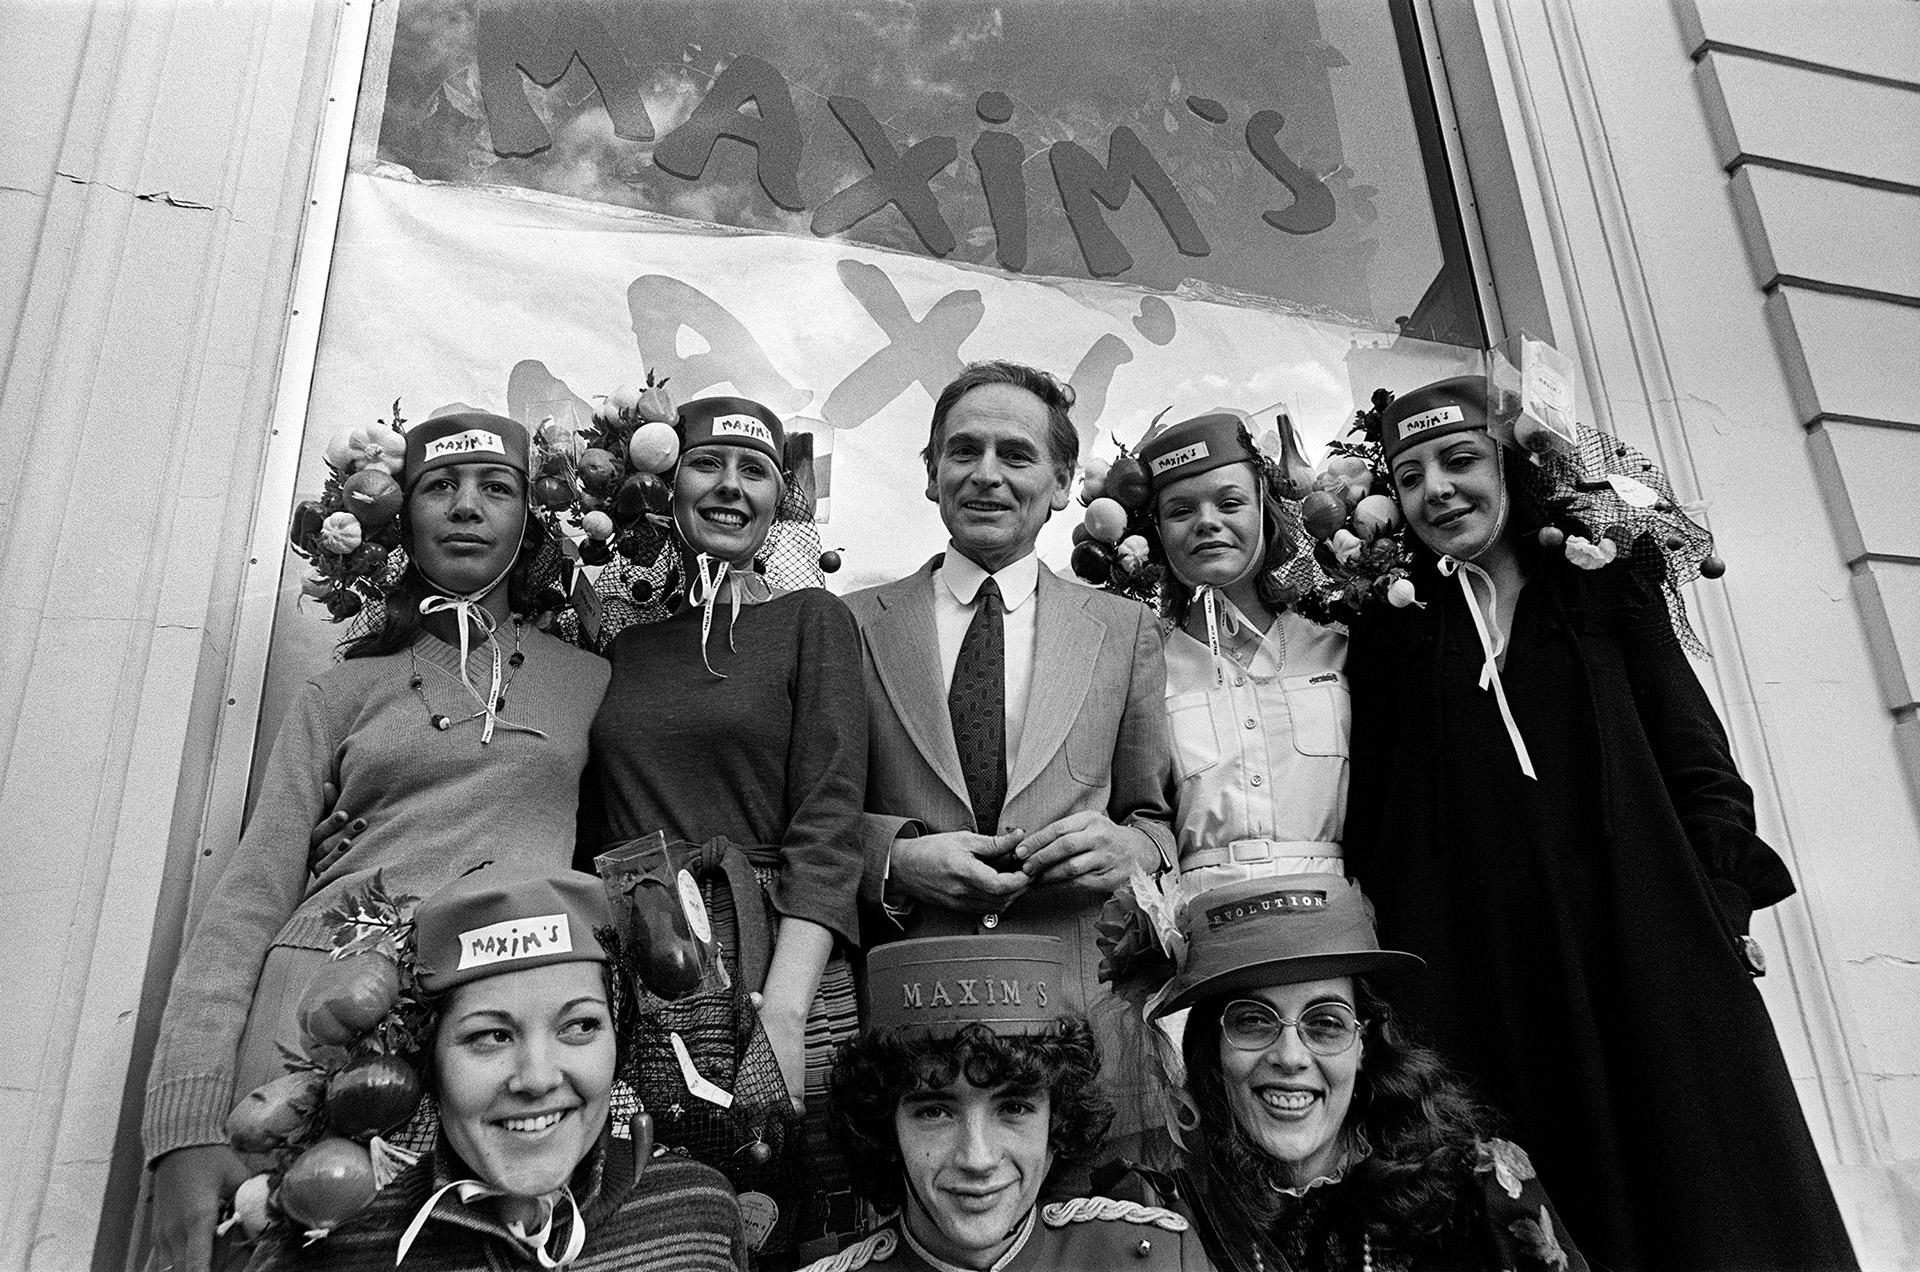 Más allá de la moda, el diseñador compró los restaurantes Maxim's de París y todos sus empleados lucieron trajes creados por el talentoso modisto. Una foto de 1977